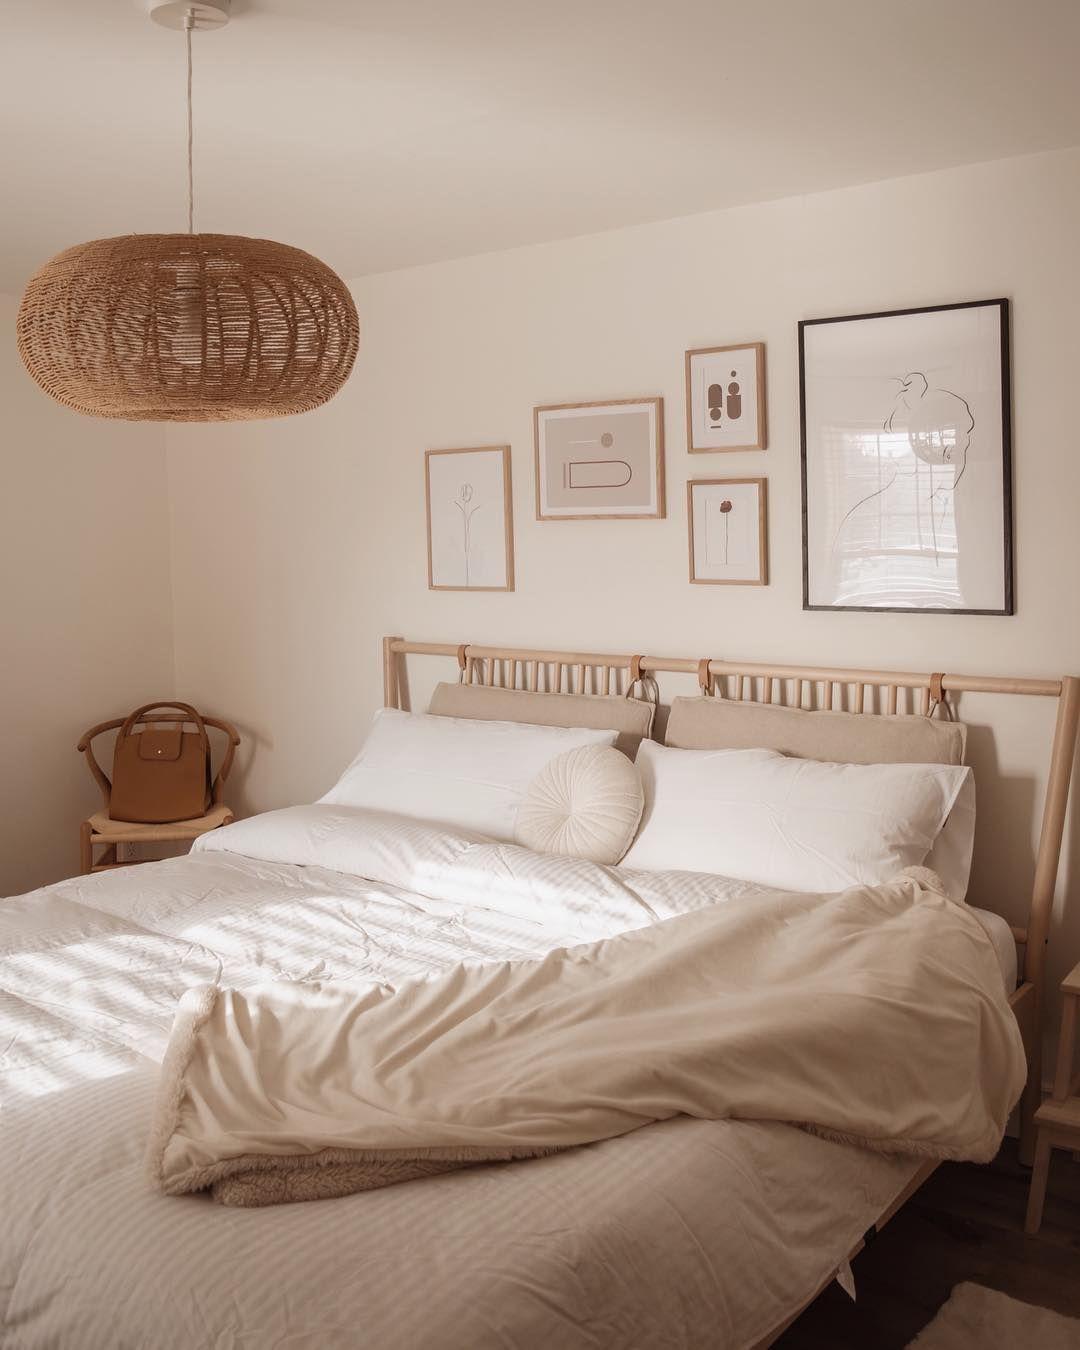 Laurie On Instagram Je Vous Presente Notre Nouvelle Chambre Tellement Heureuse D Avoir Ce Beau Decor Qu Diy Home Decor Bedroom Home Decor Bedroom New Room